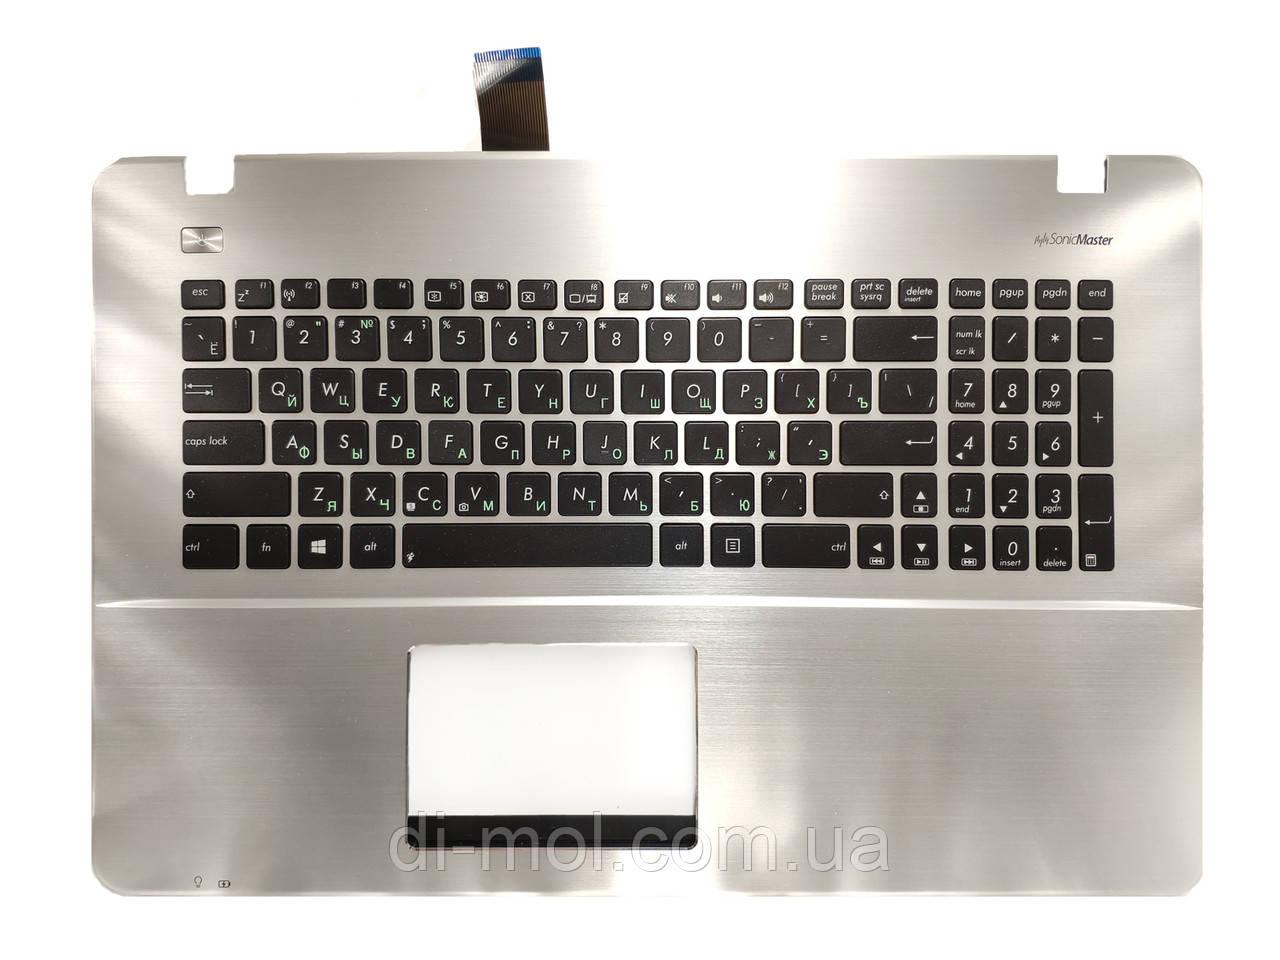 Оригинальная клавиатура для ноутбука Asus X751, A751, X751LD, X751LN, X751MJ, K751LX series, ru, silver